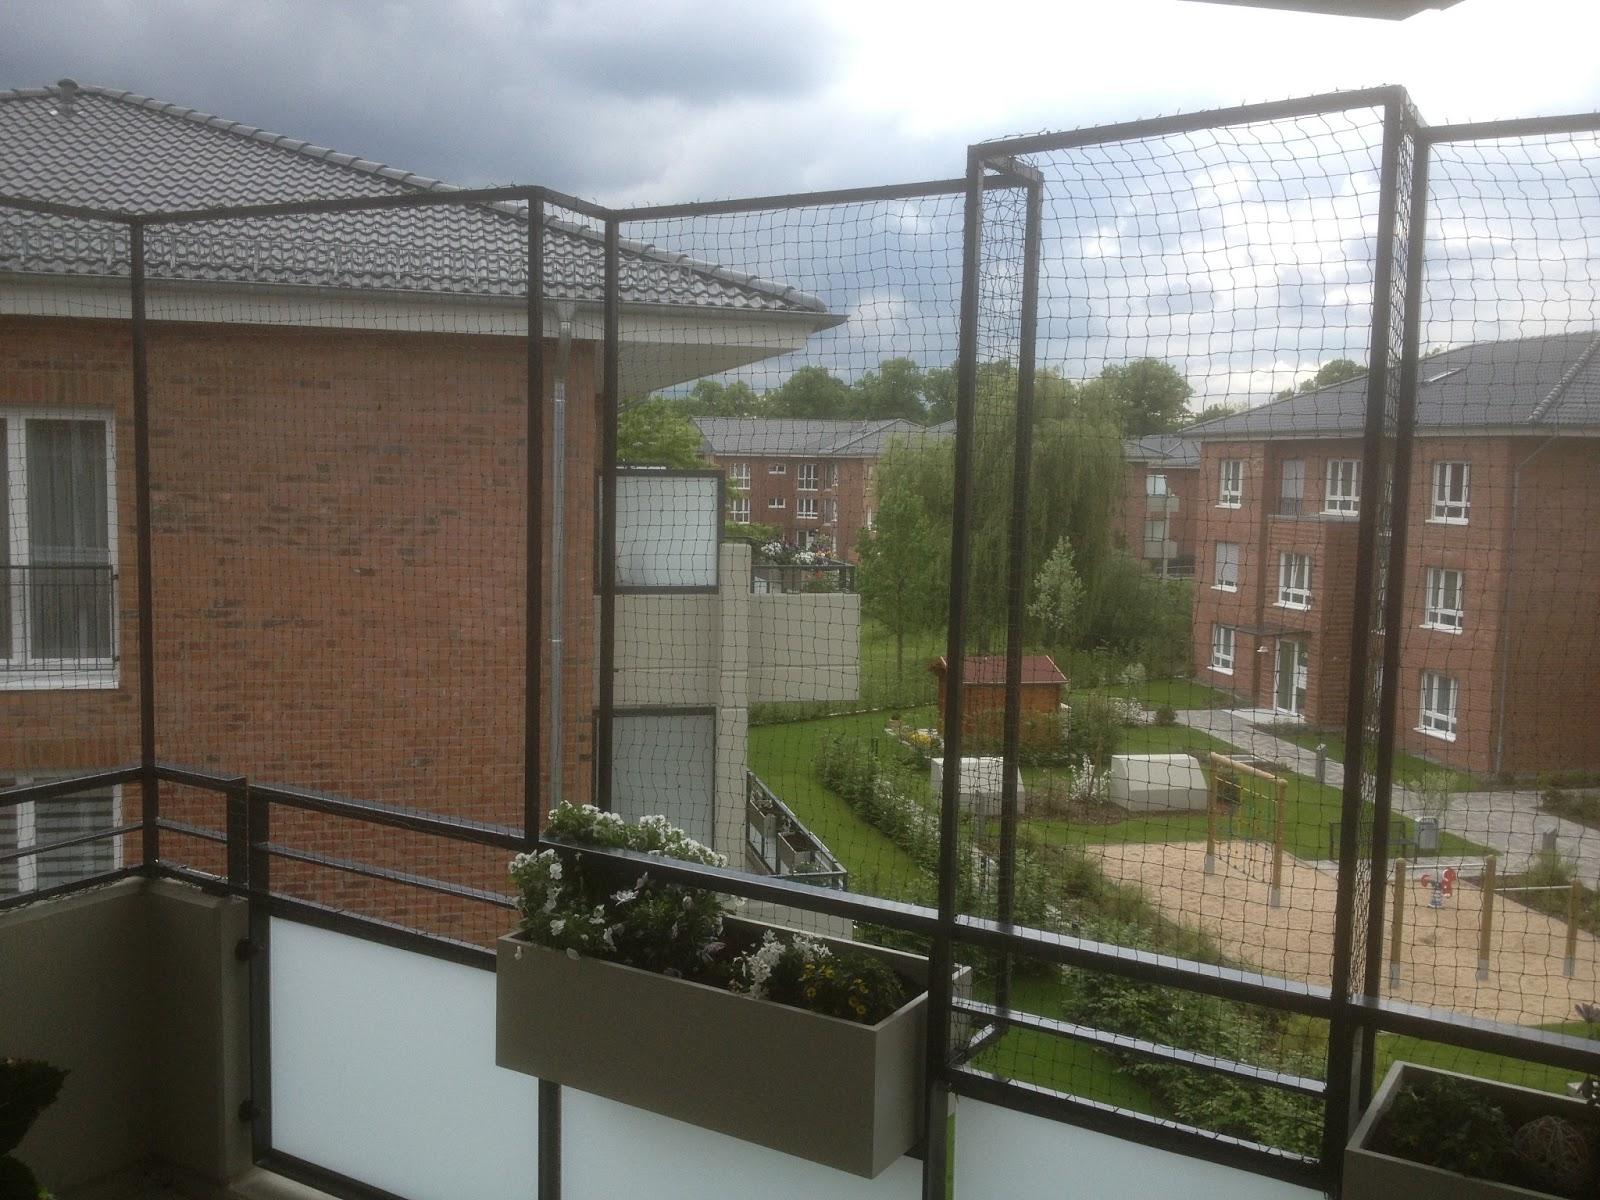 ... für ein Katzennetz: Katzennetz ohne bohren für Balkon in Leverkusen